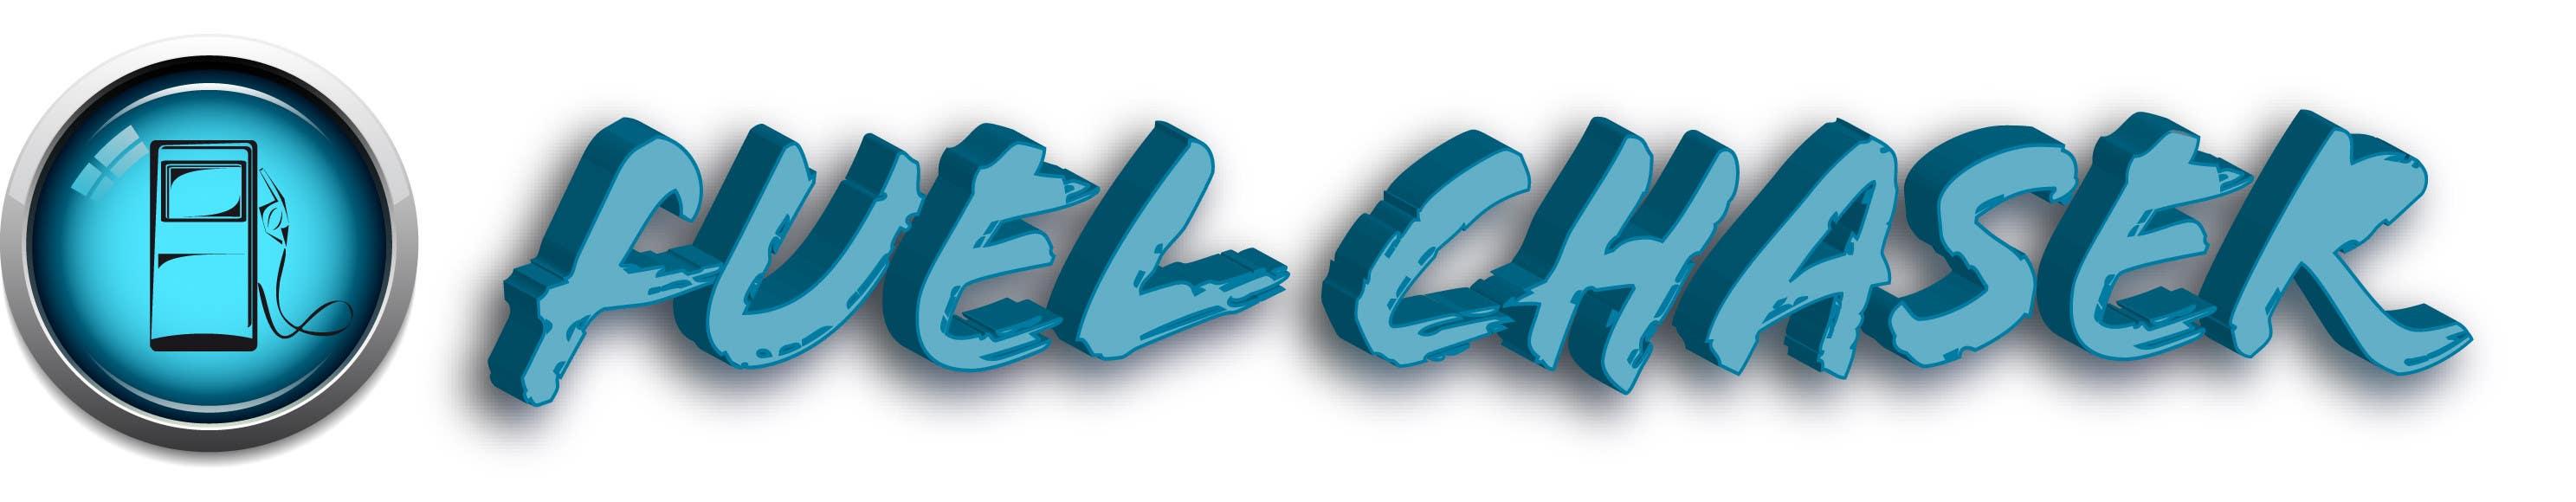 Penyertaan Peraduan #69 untuk Design a Logo for Gas Station App